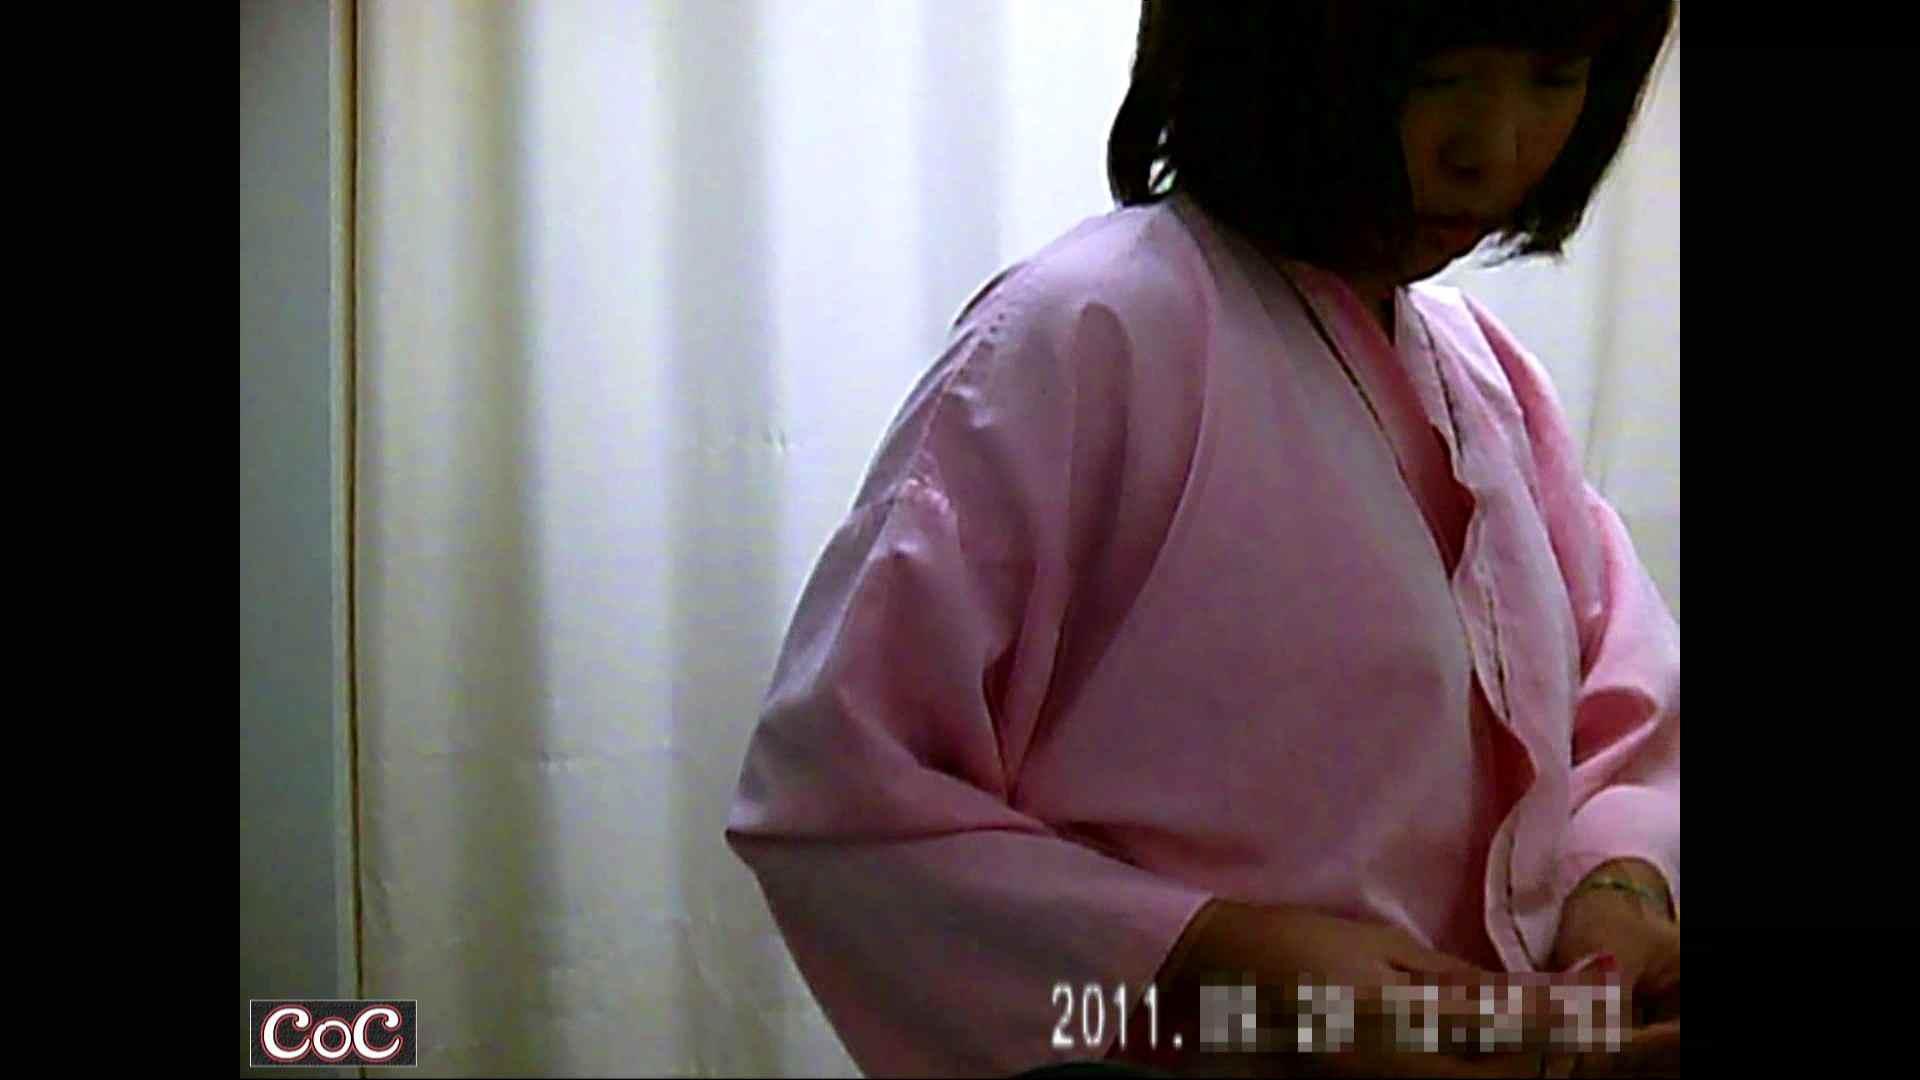 病院おもいっきり着替え! vol.42 おっぱい特集 オメコ無修正動画無料 99pic 3